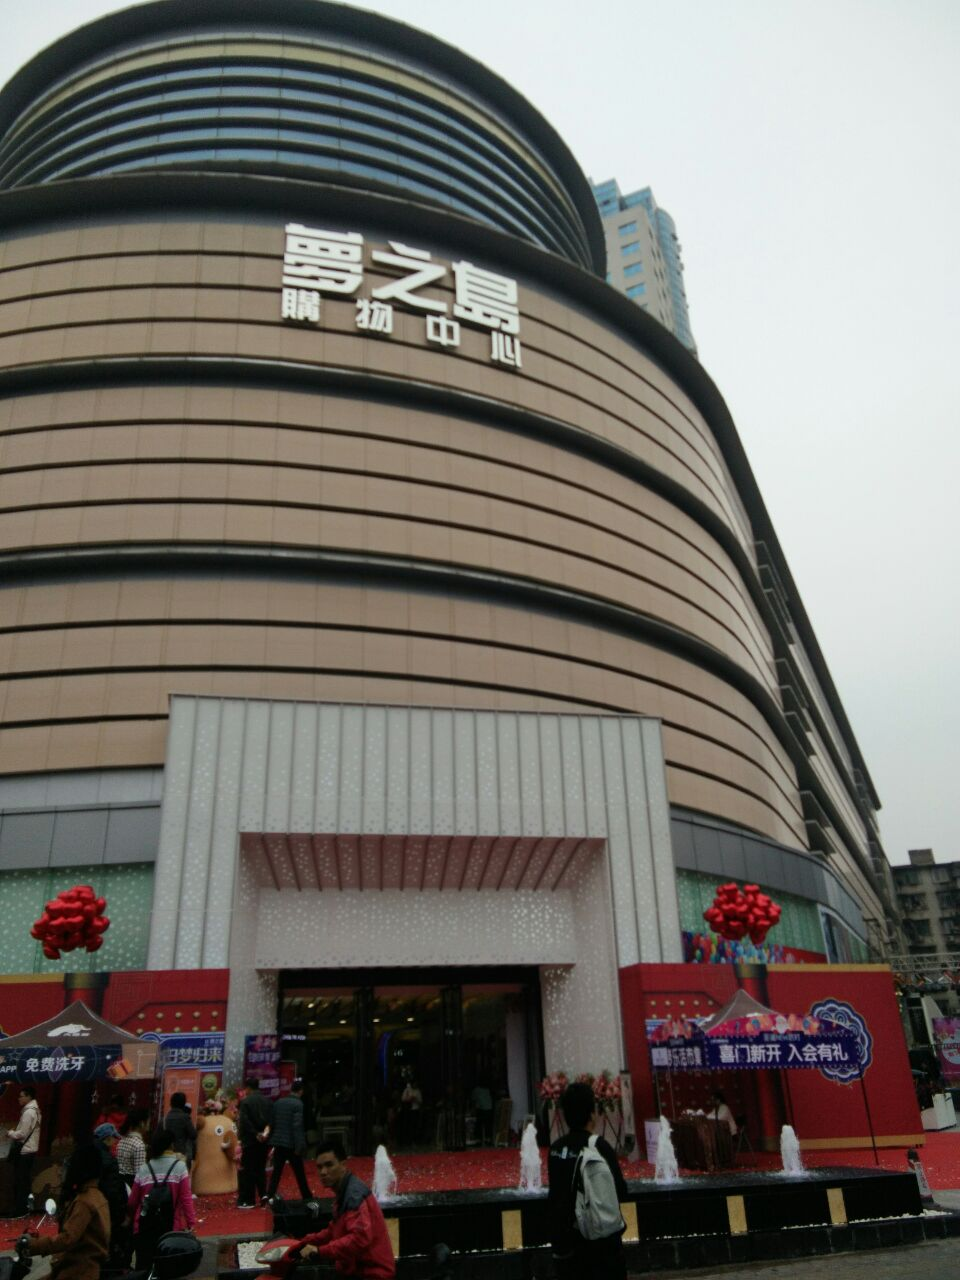 南宁梦之岛_南宁梦之岛购物广场怎么样/如何去,梦之岛购物广场好